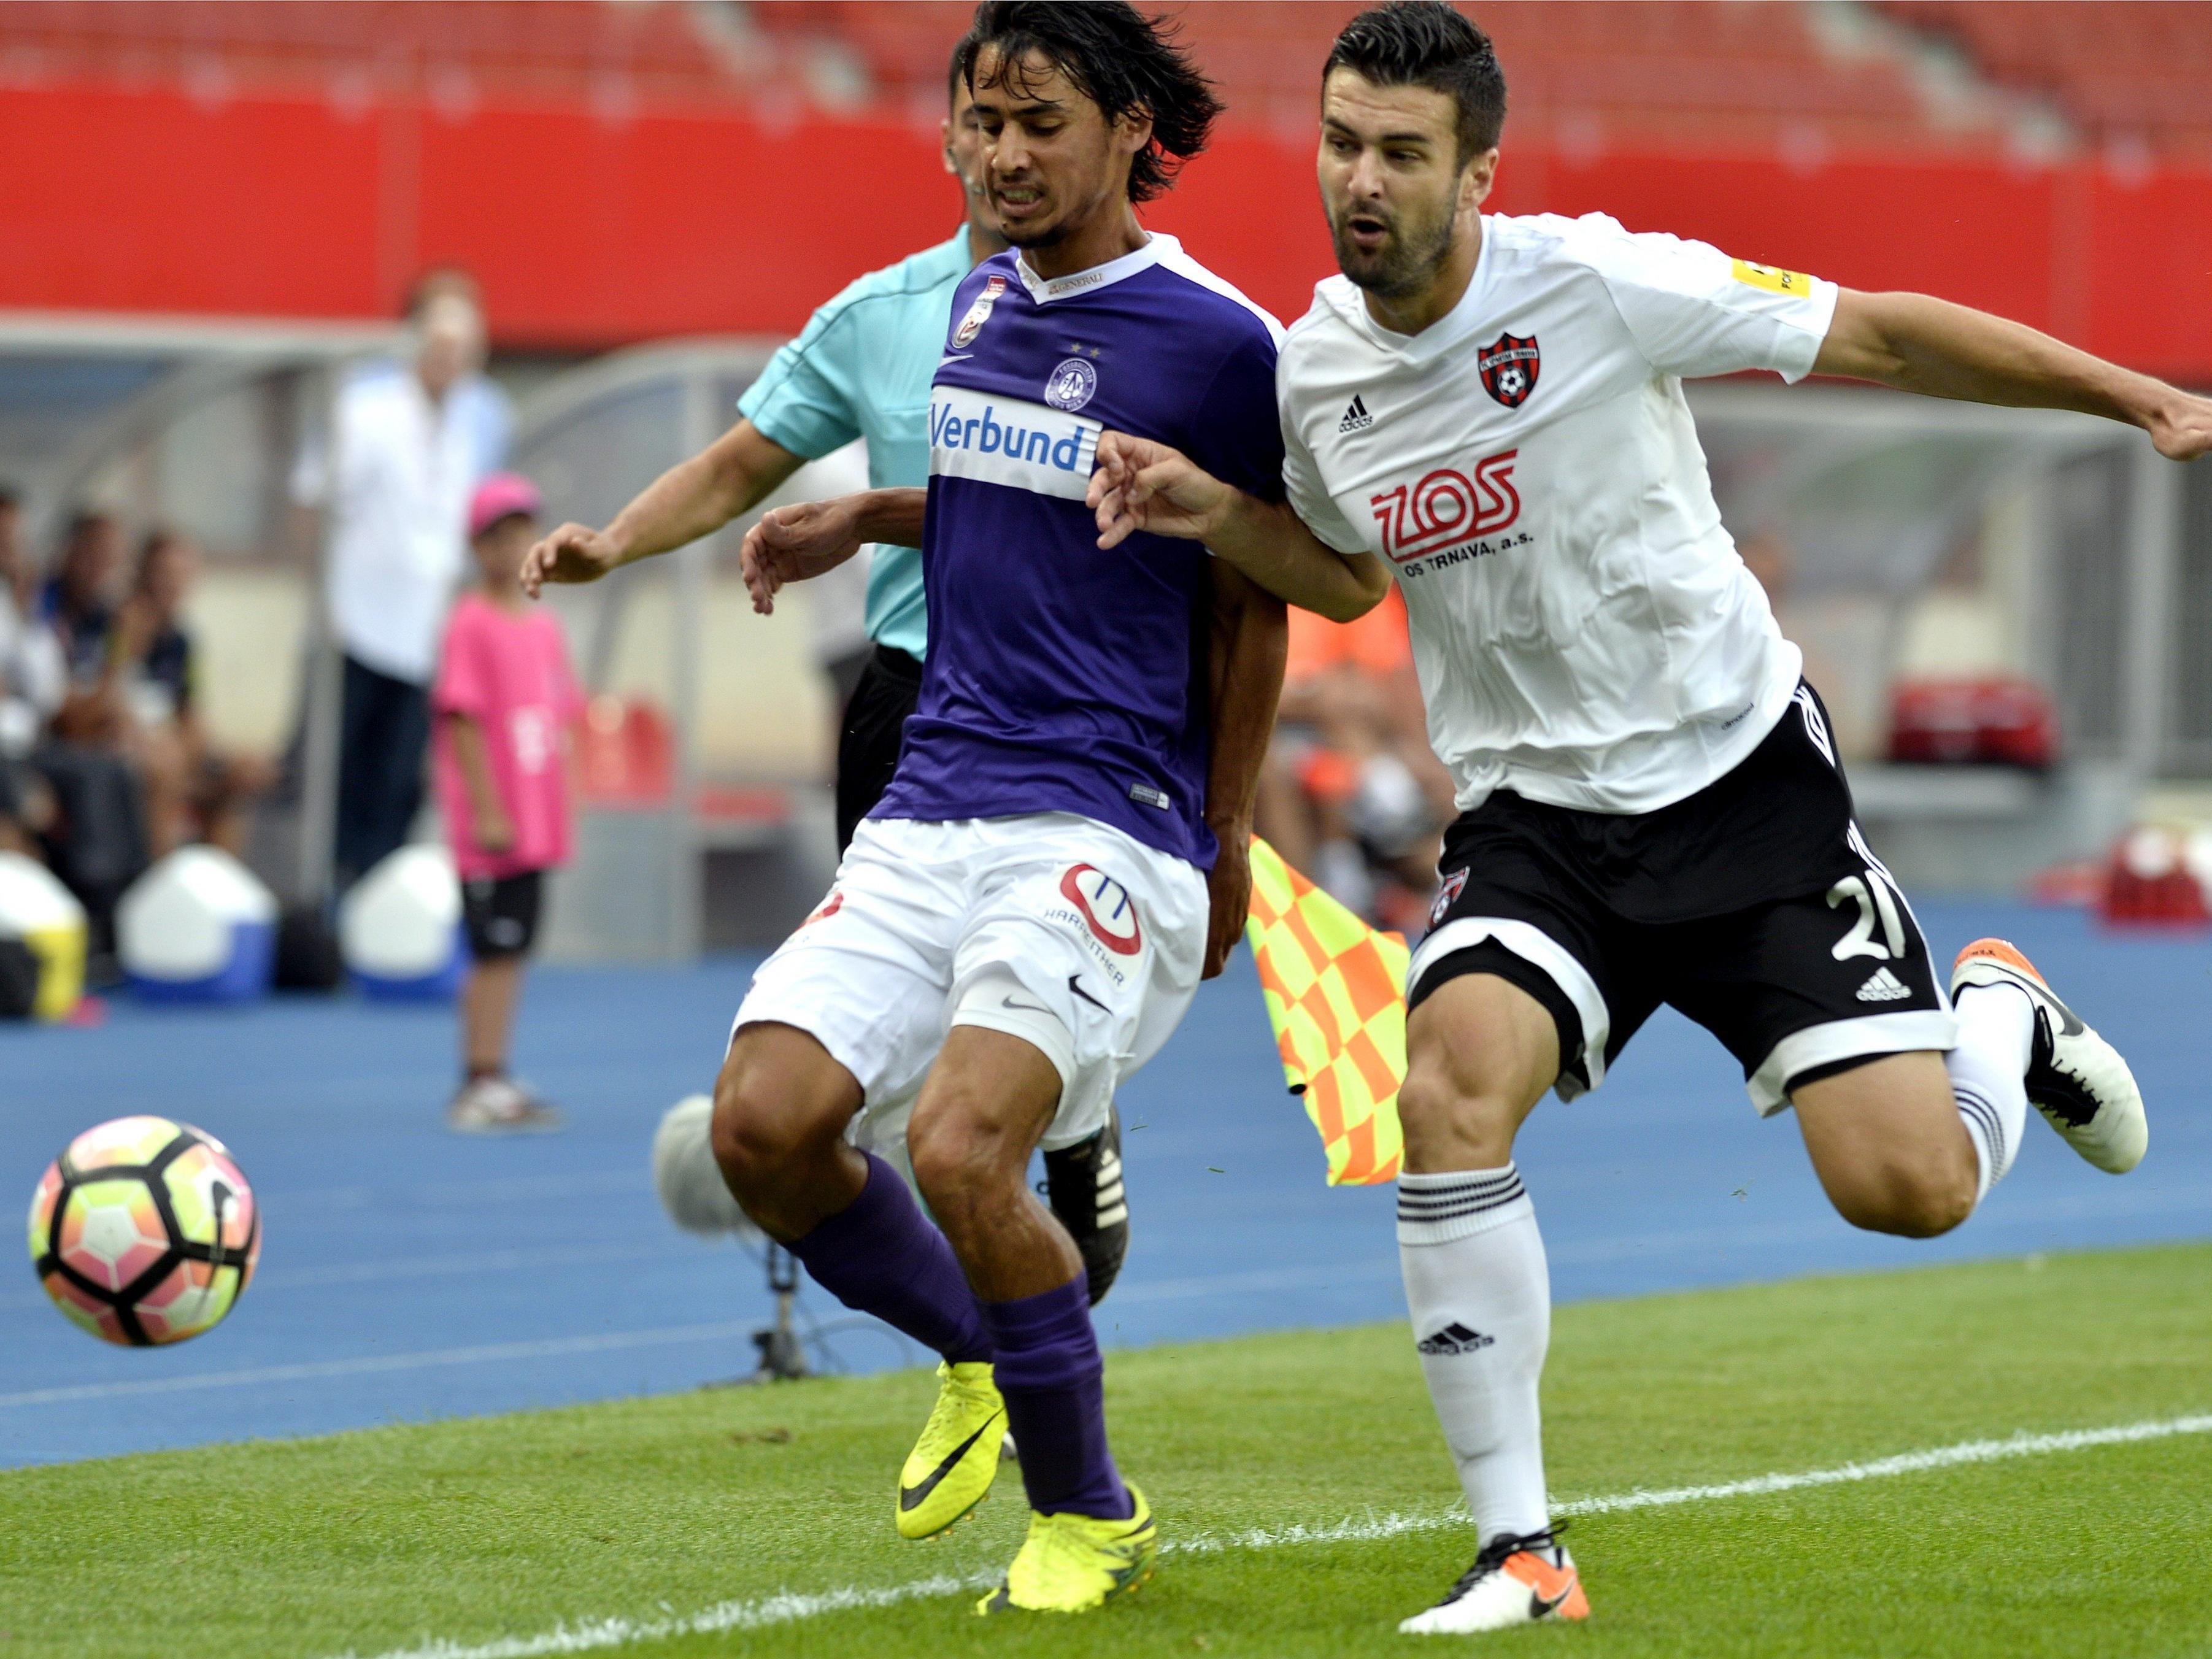 c86c6b5110 Hier ist Spartak Trnava gegen Austria Wien zu sehen  Live-Stream ...